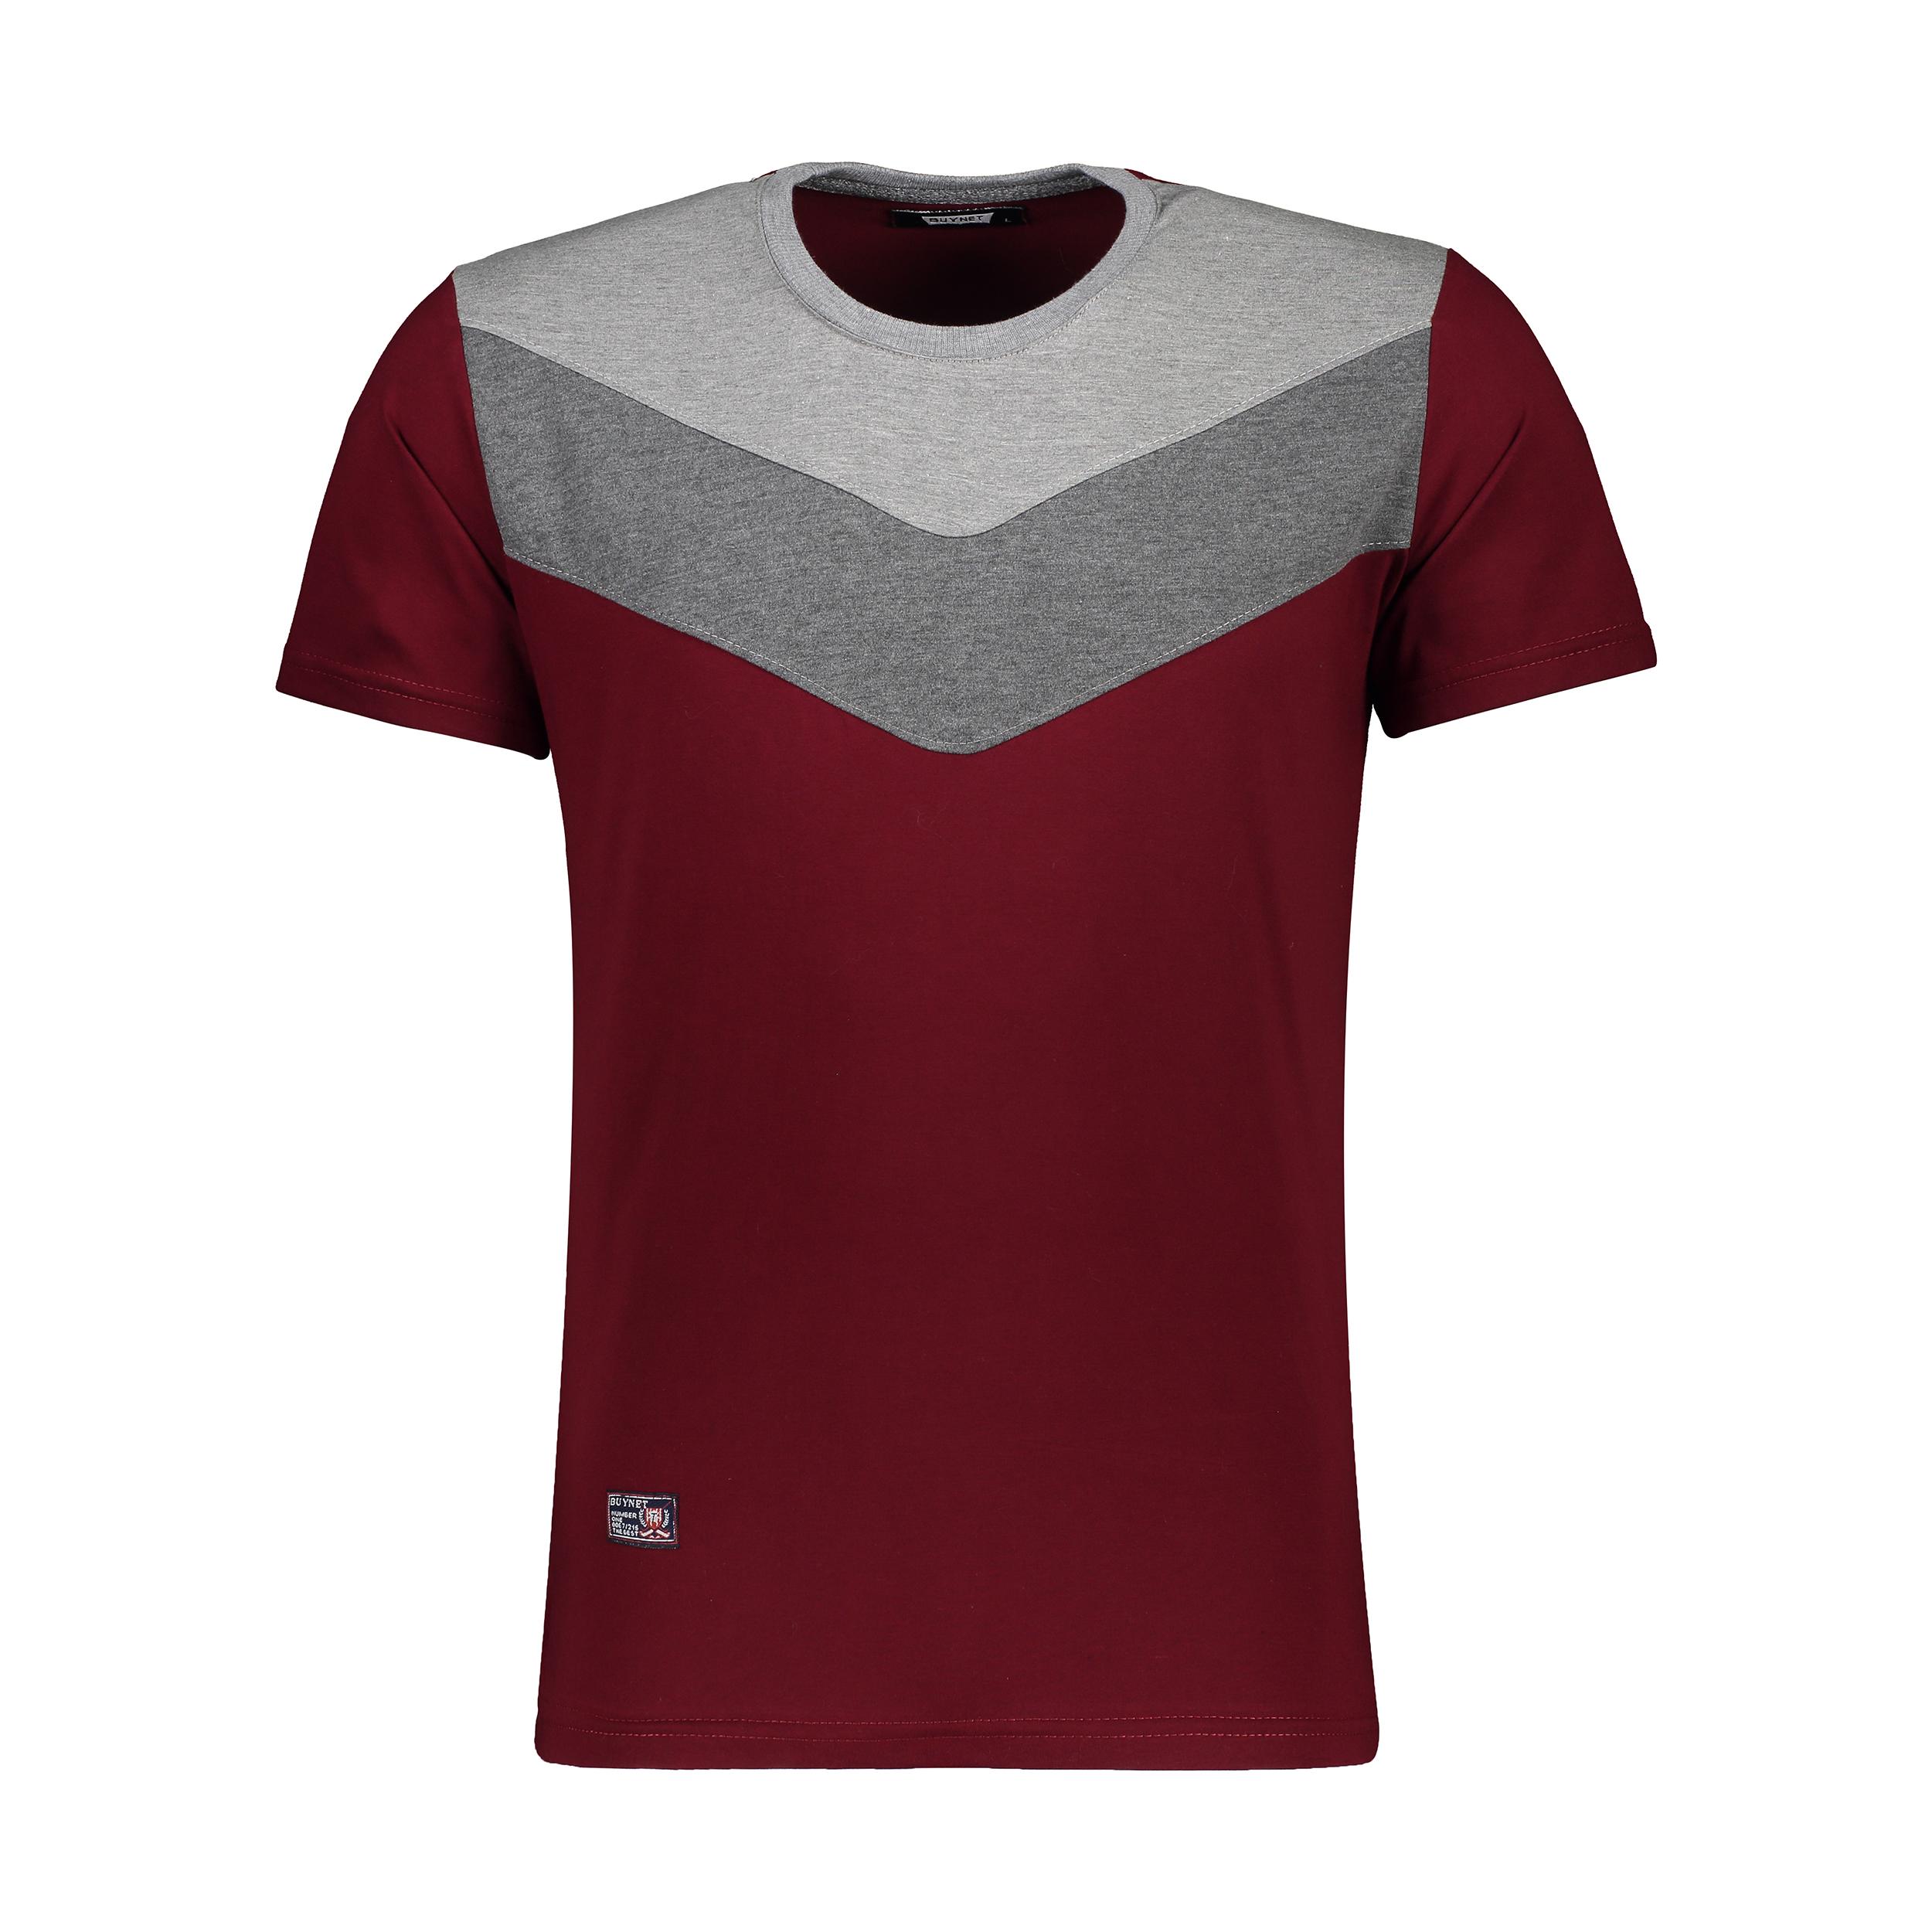 تی شرت آستین کوتاه مردانه بای نت کد ۳۵۹-۲